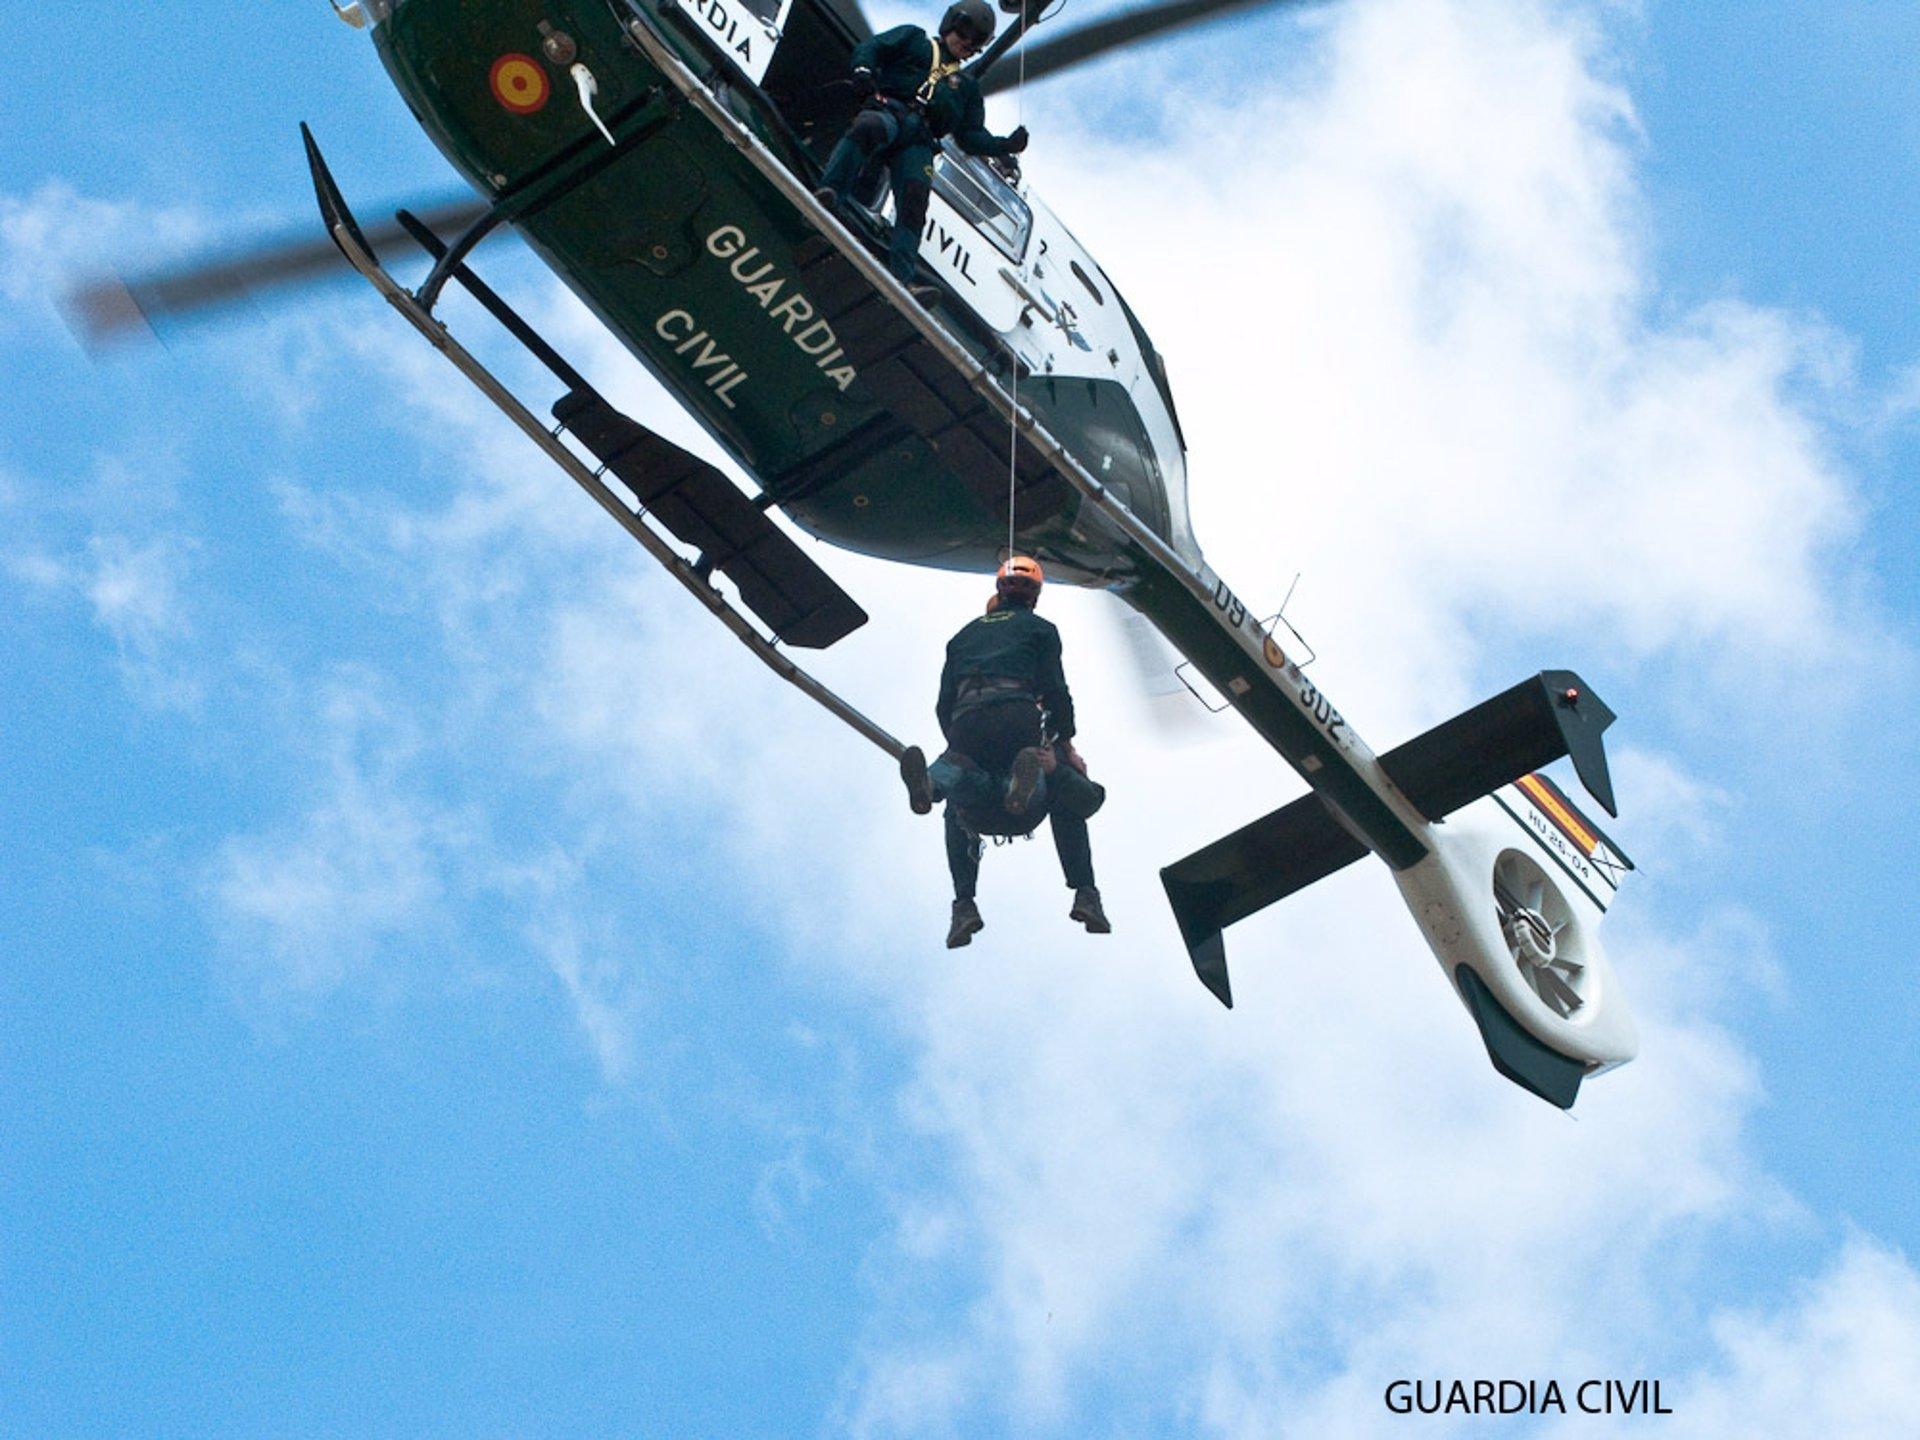 Rescatado en helicóptero un senderista tras sufrir una caída en Capileira